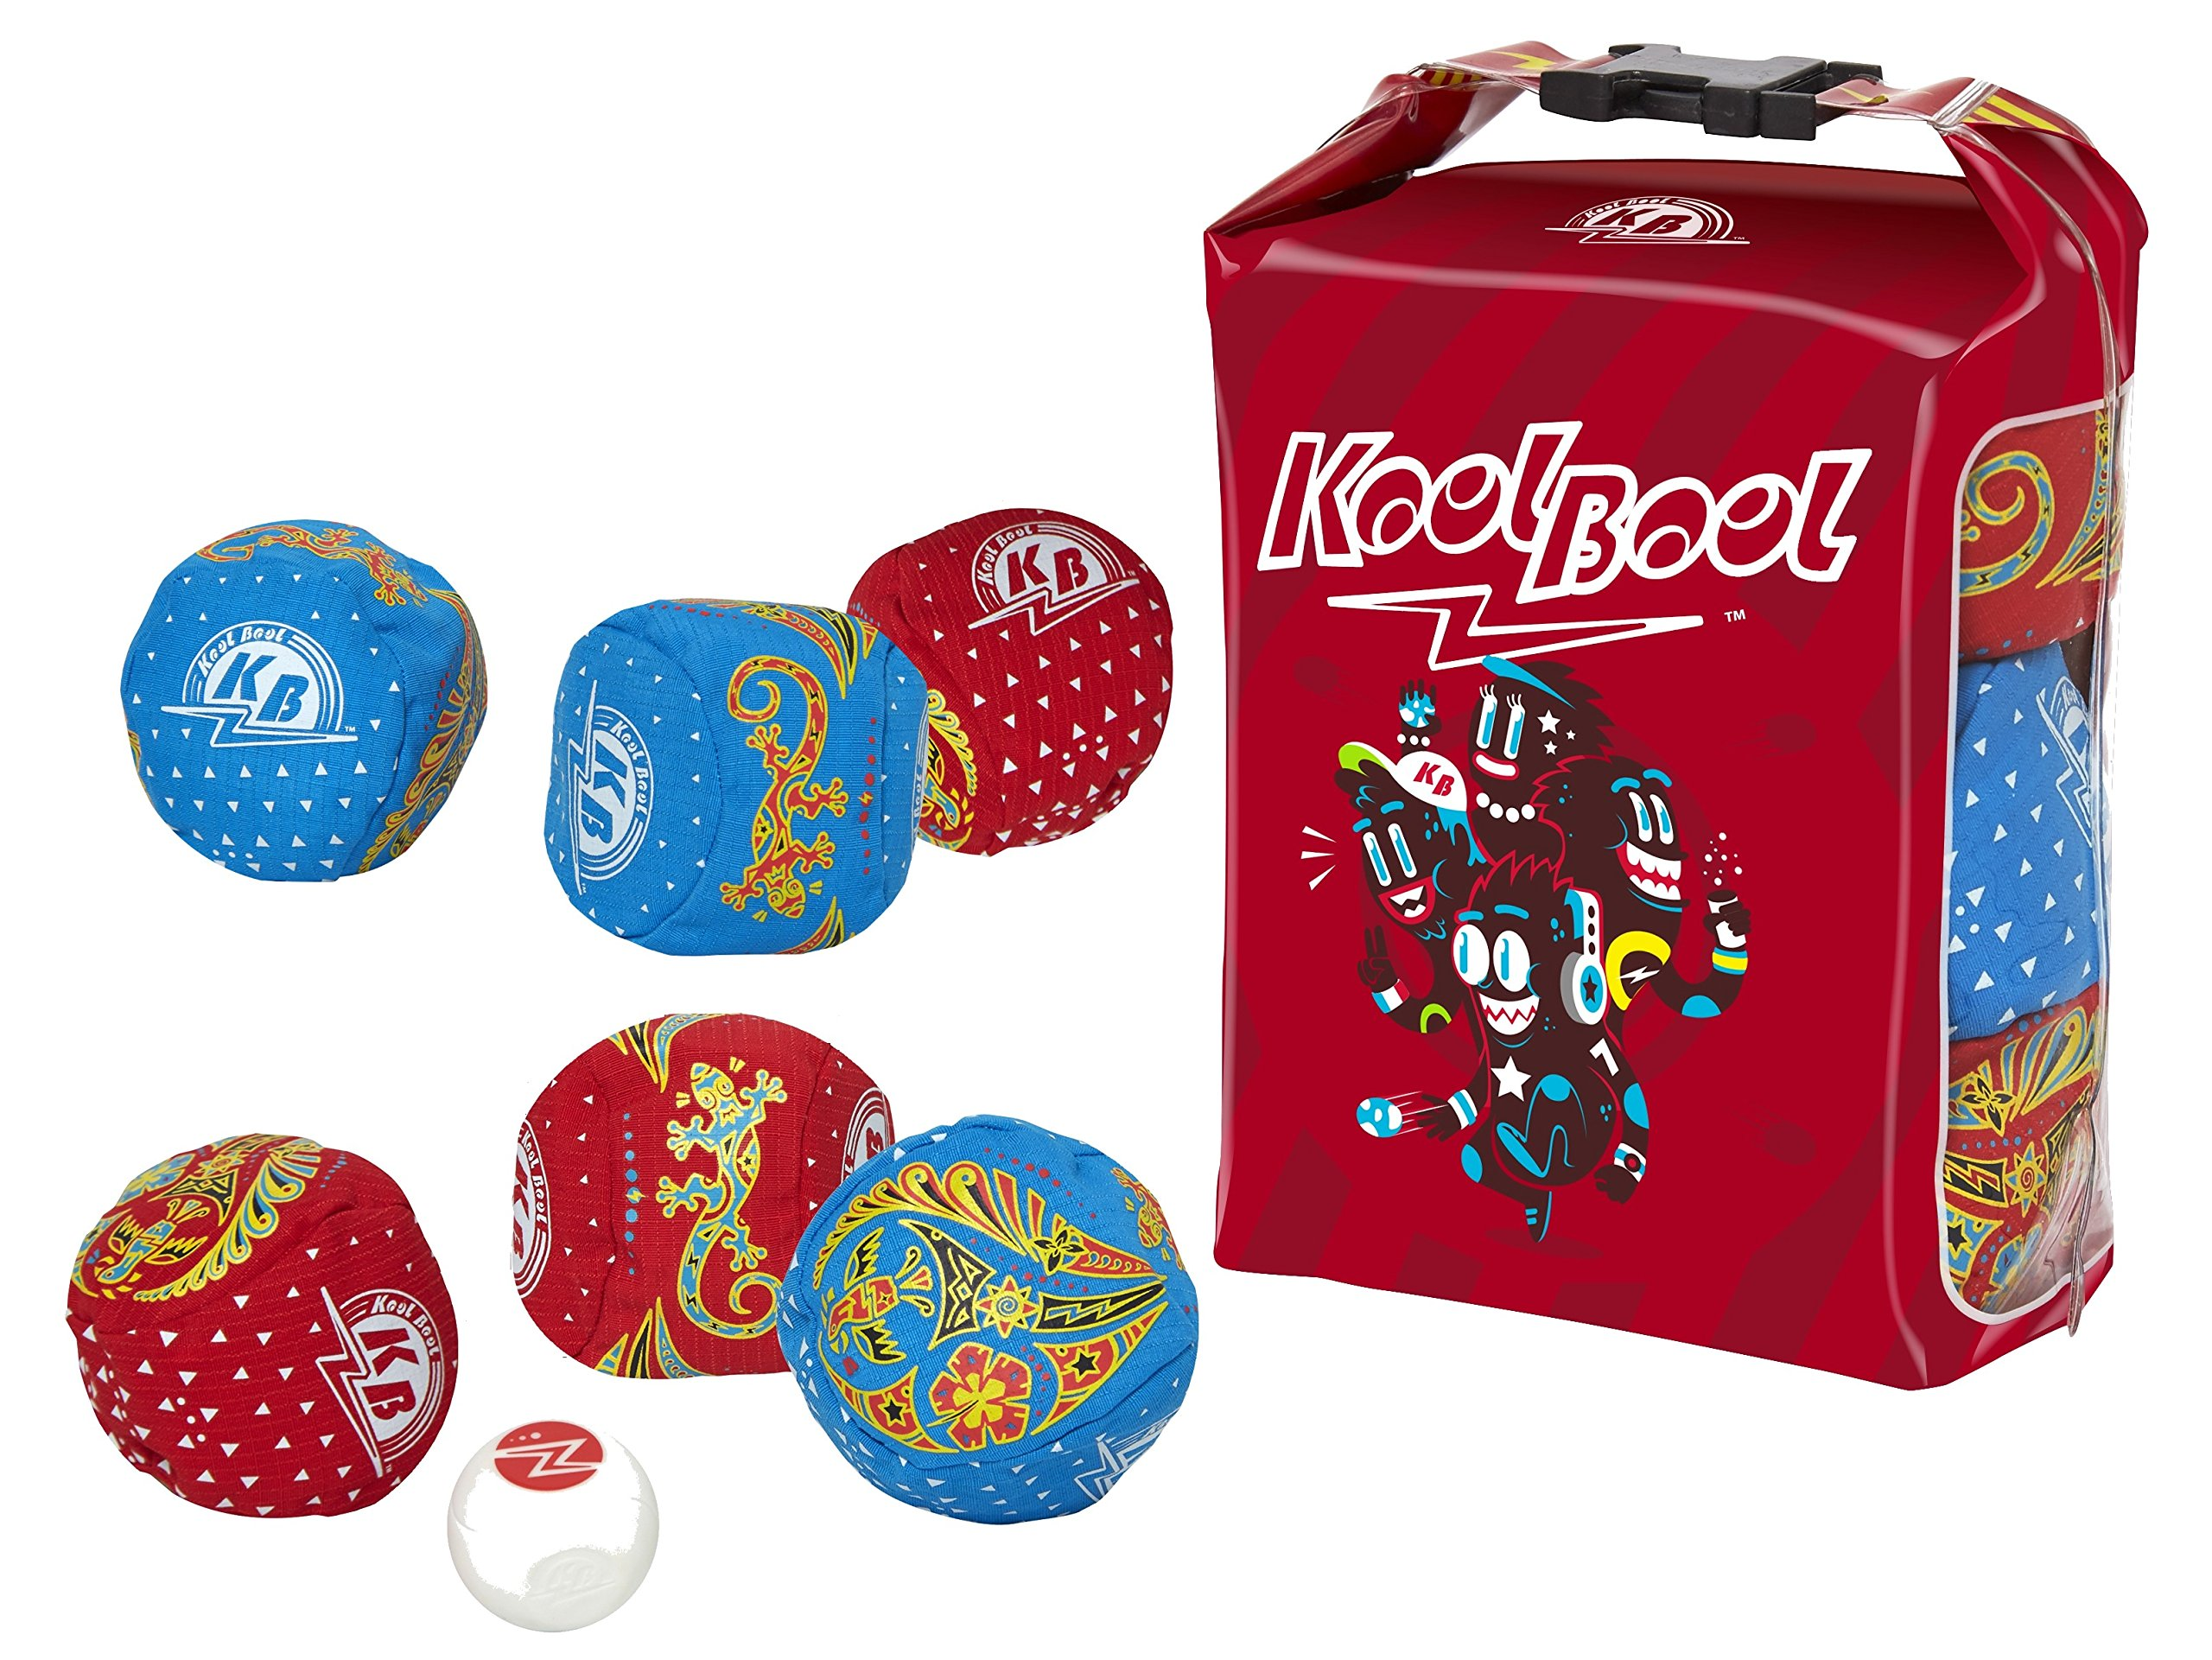 KoolBool, freestyle petanque avec des boules souples - Spot Games product image